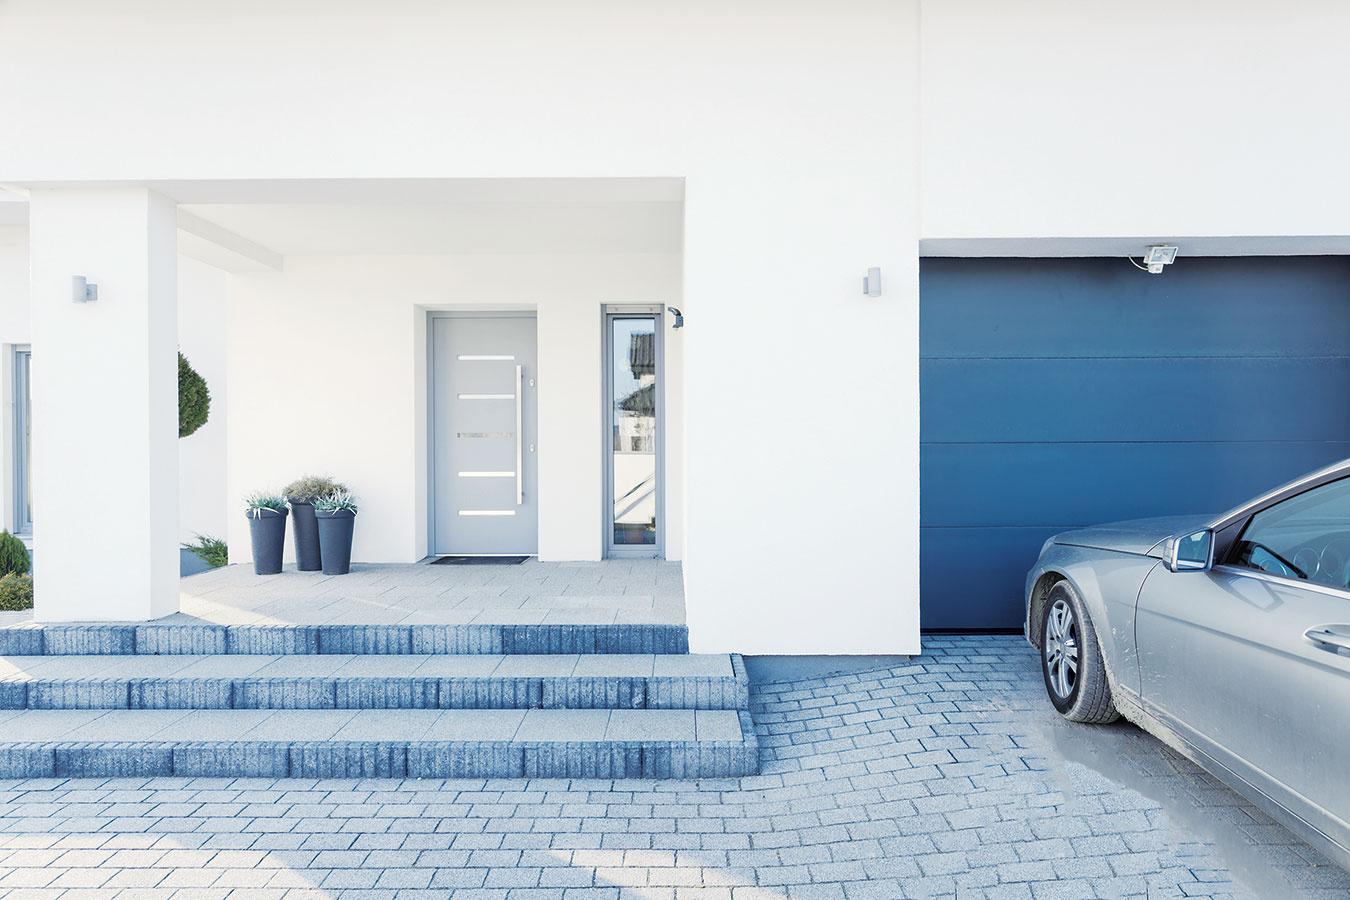 Vtesnom susedstve. Garáže sú obvykle súčasťou uličnej fasády, dôležitá je preto aj estetická stránka azladenie sdomom. Zintegrovanej garáže zrealizovanej vsúlade so stavebnými predpismi by nemali prenikať benzínové výpary do domu, aj tak sa však odporúča, aby nesusedila sobývačkou či spálňou.